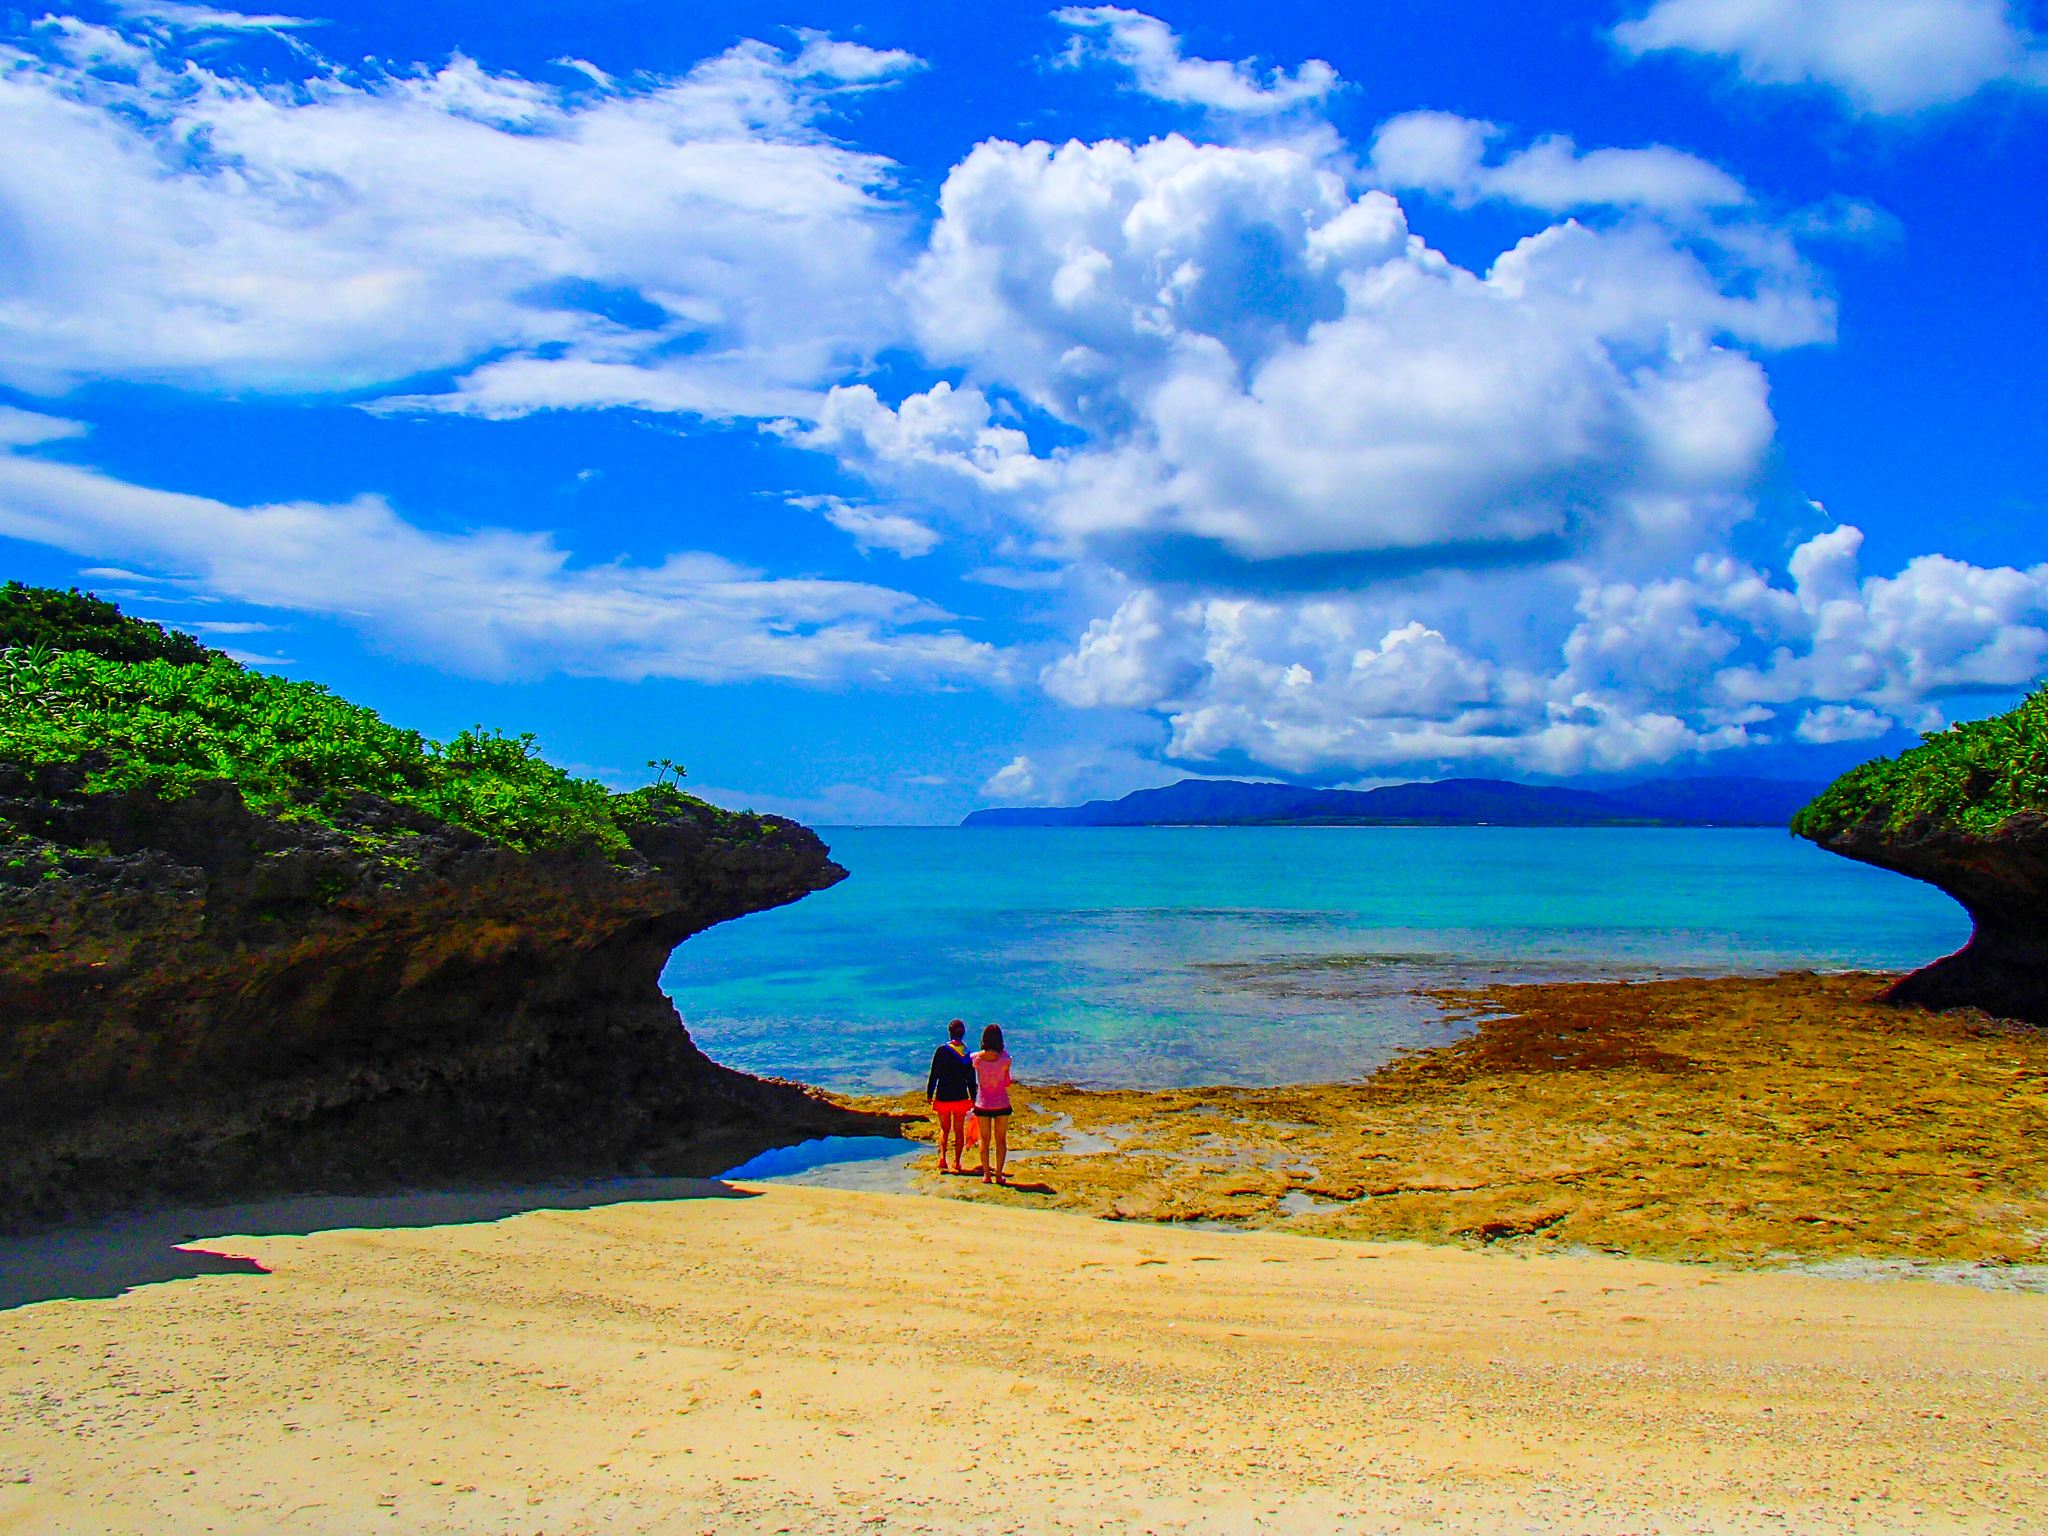 プライベートビーチの様な恋路ヶ浜